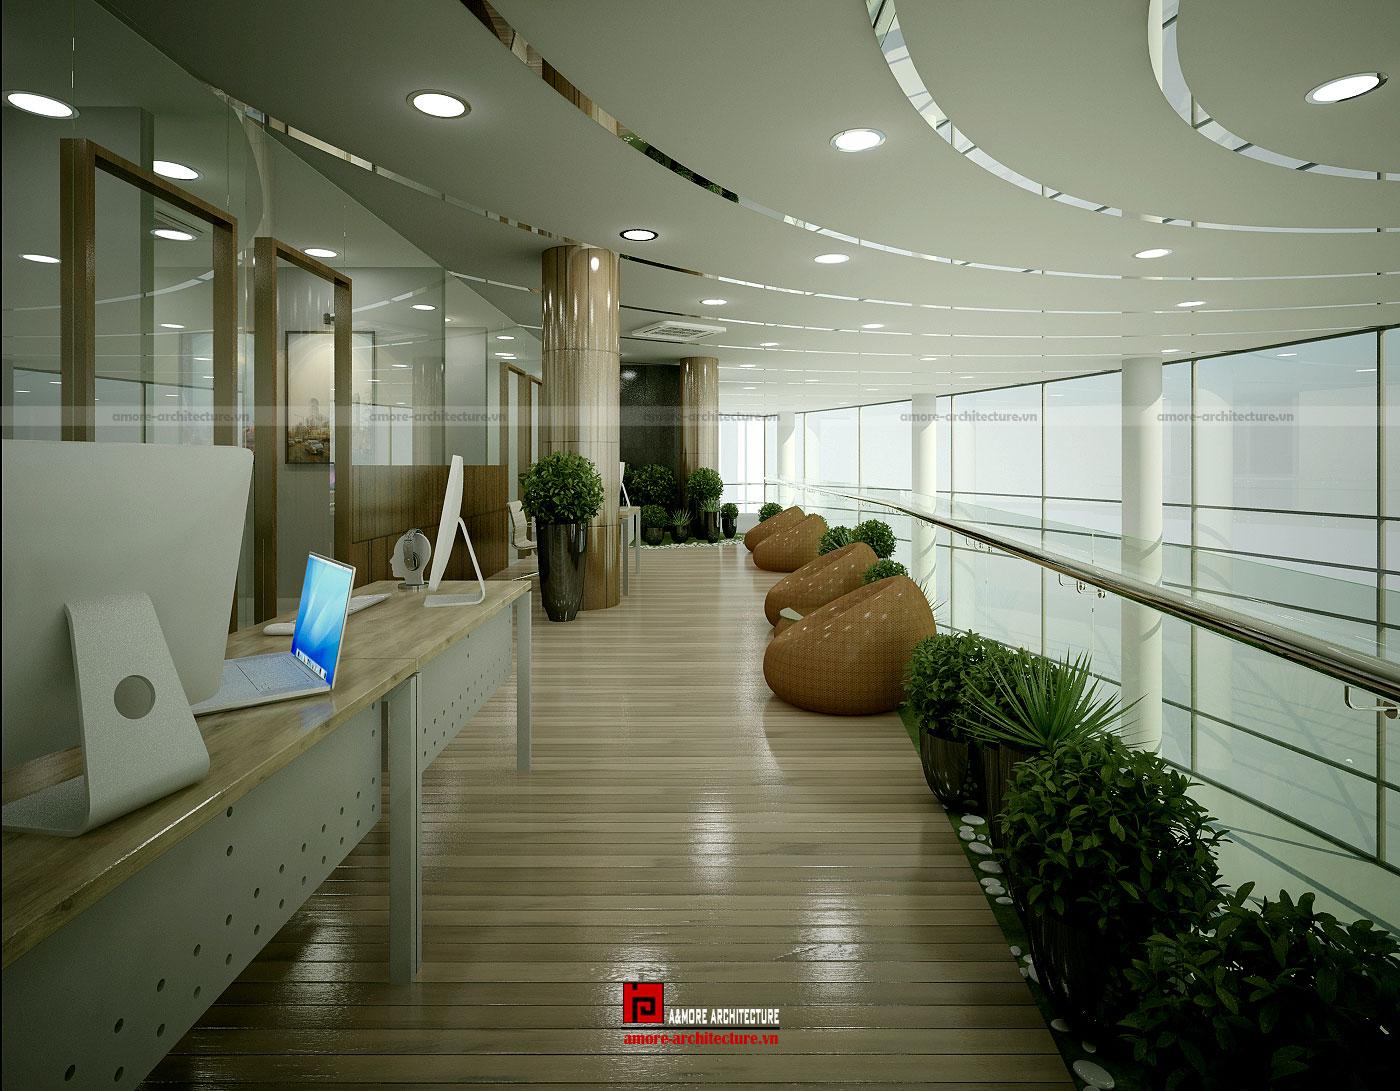 tiêu chuẩn thiết kế văn phòng m2/người